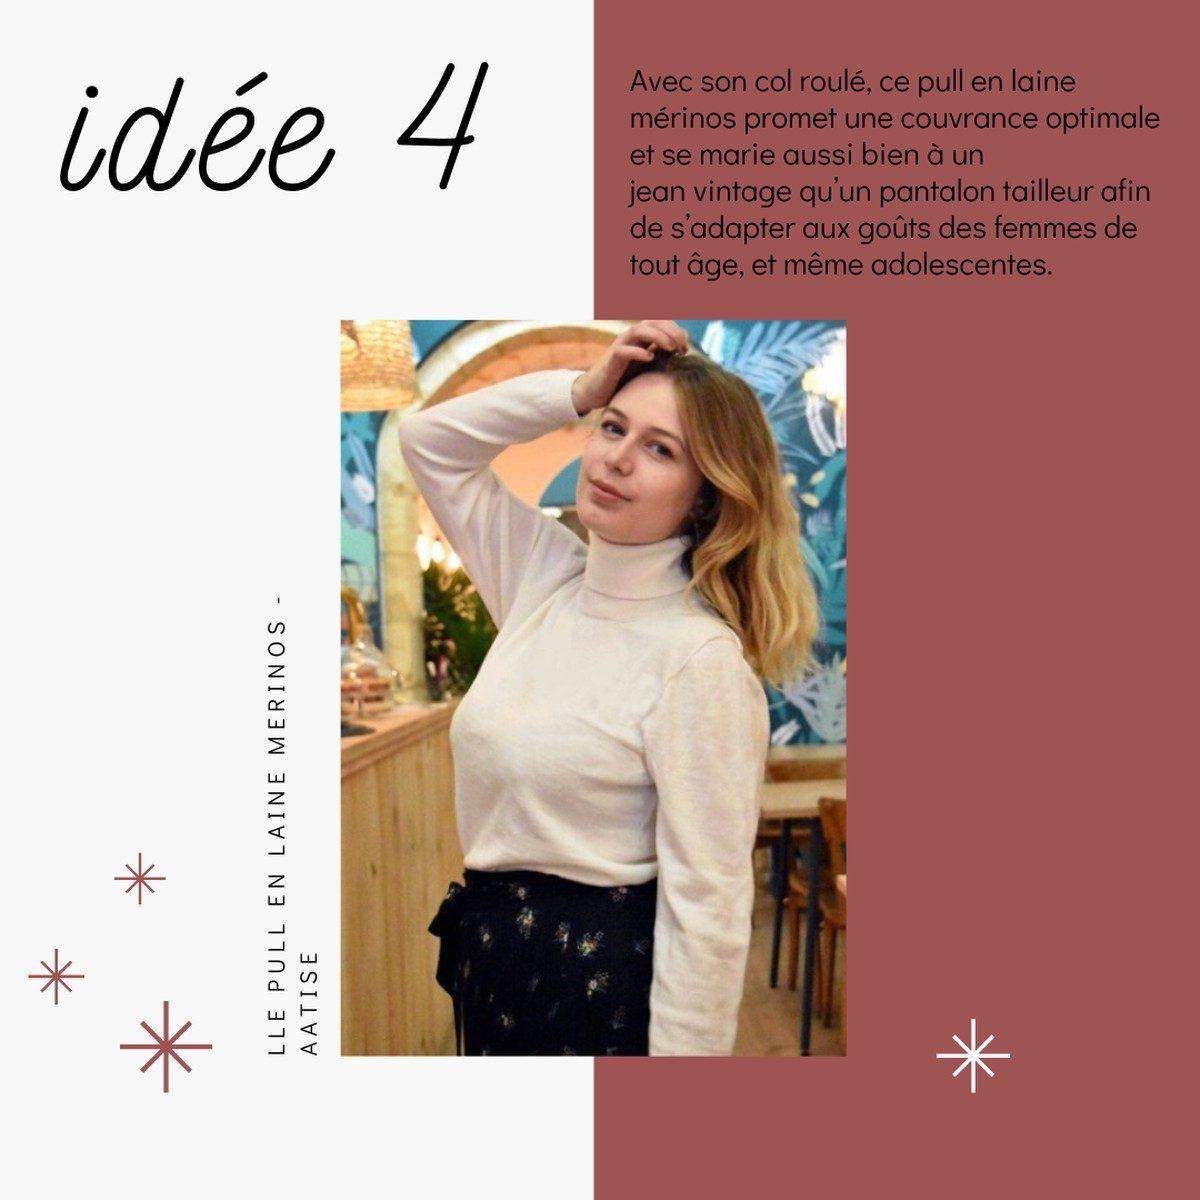 Noël 2019 notre liste de cadeaux slow fashion d'exception - 04 - Aatise